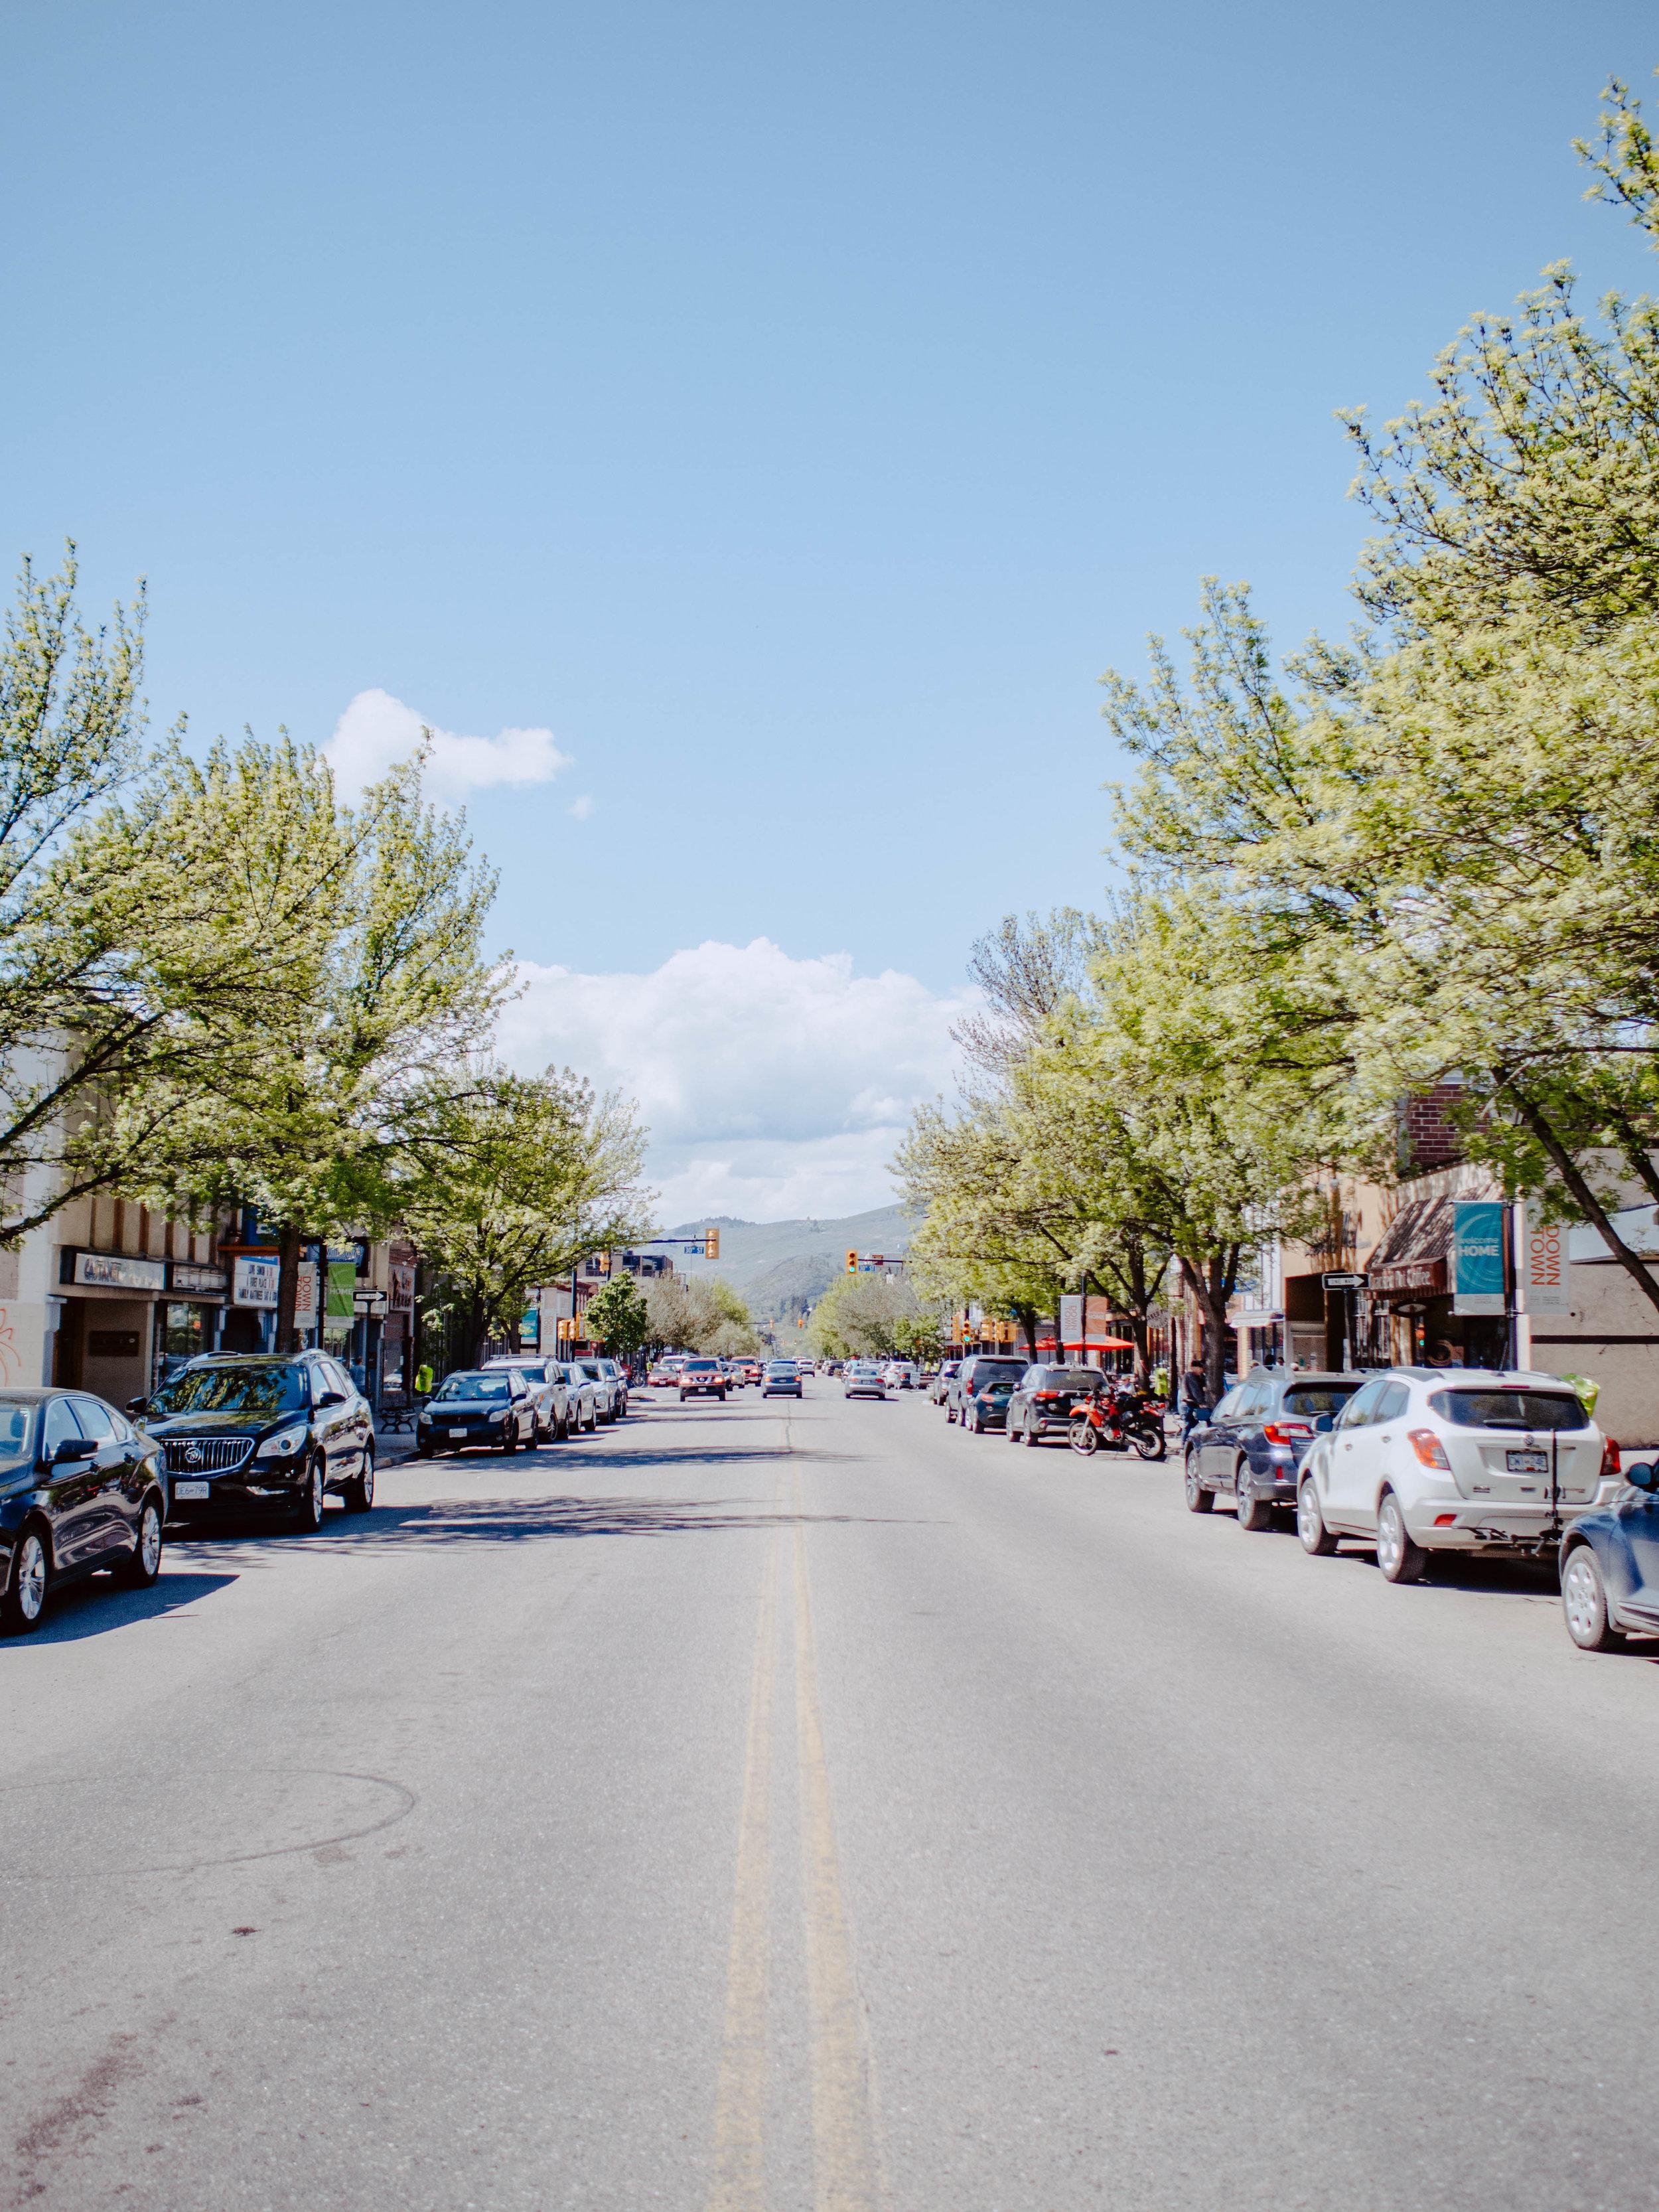 Downtown Vernon